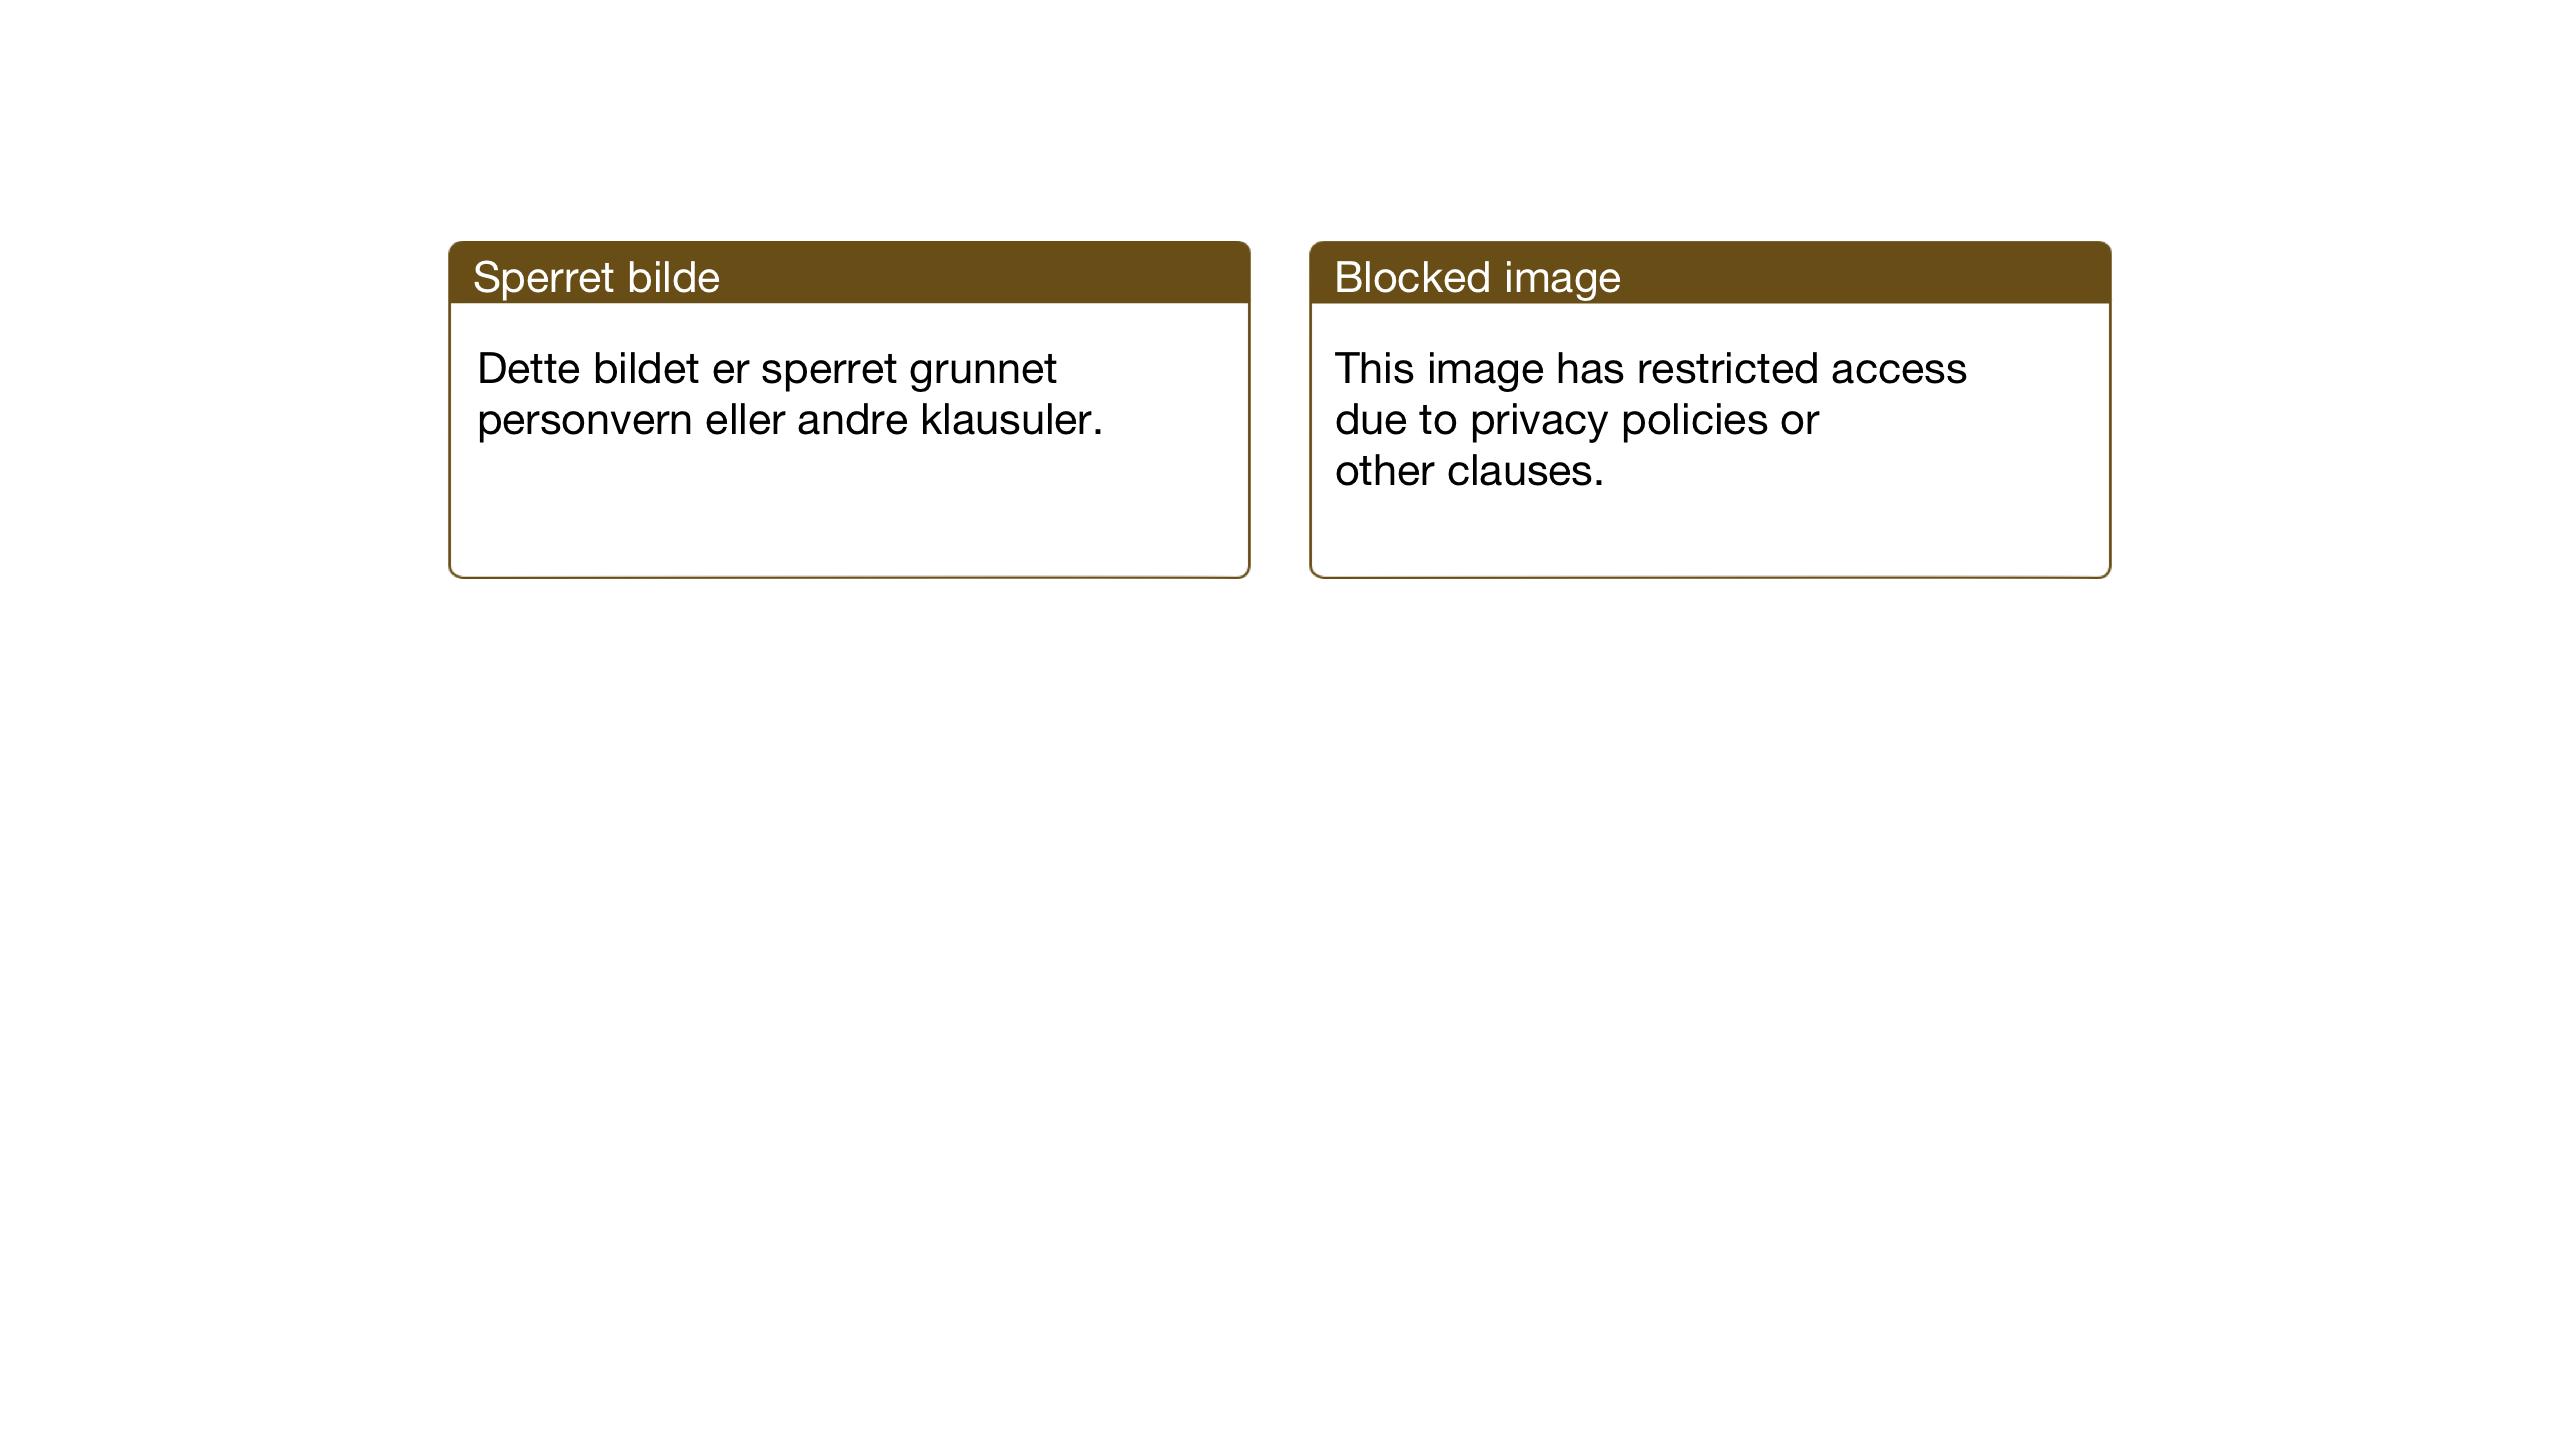 SAT, Ministerialprotokoller, klokkerbøker og fødselsregistre - Nord-Trøndelag, 755/L0500: Klokkerbok nr. 755C01, 1920-1962, s. 47